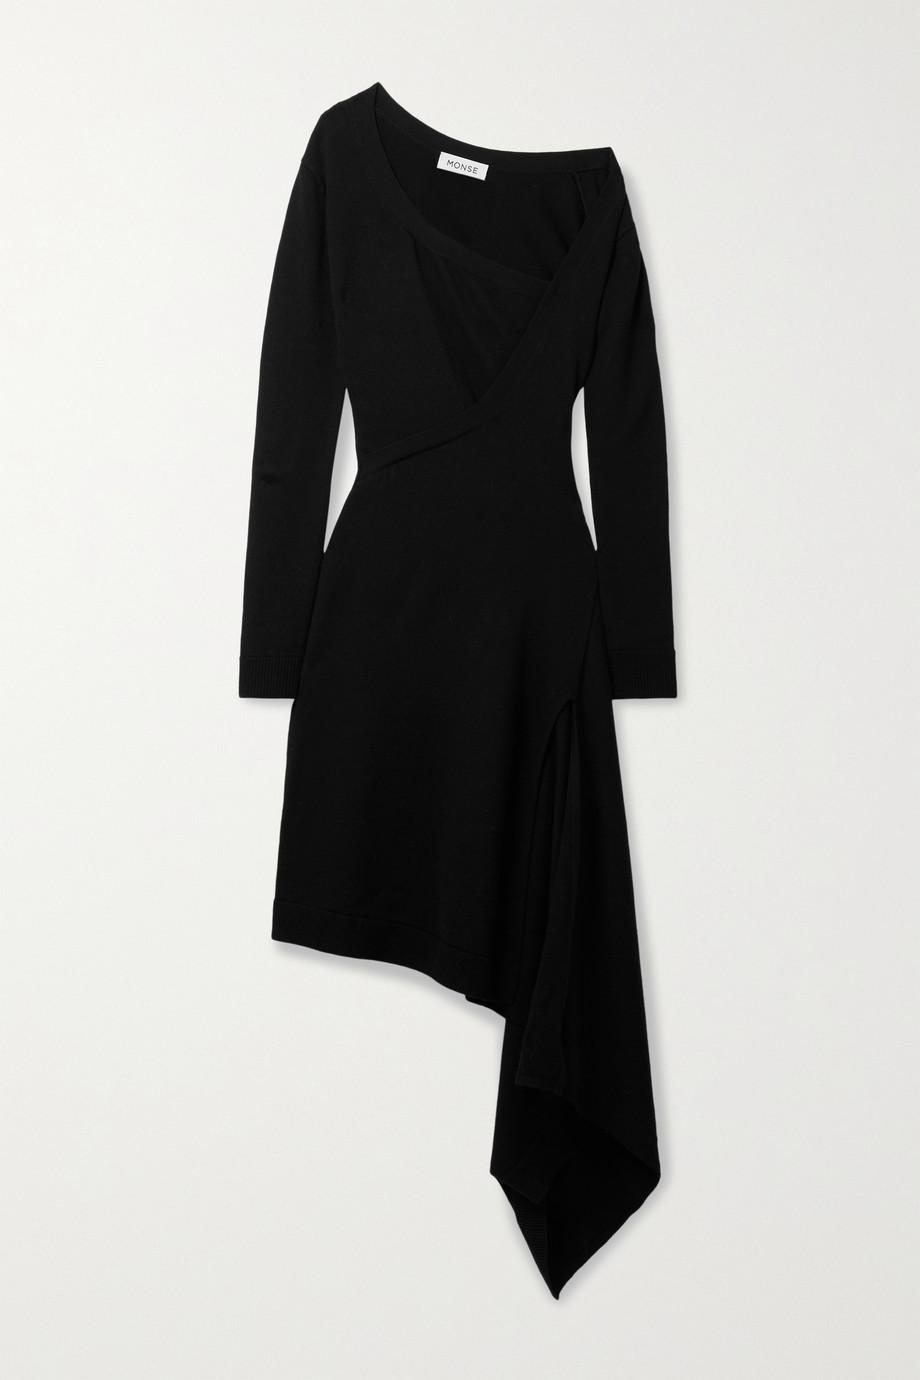 Monse Robe asymétrique effet portefeuille en laine mérinos